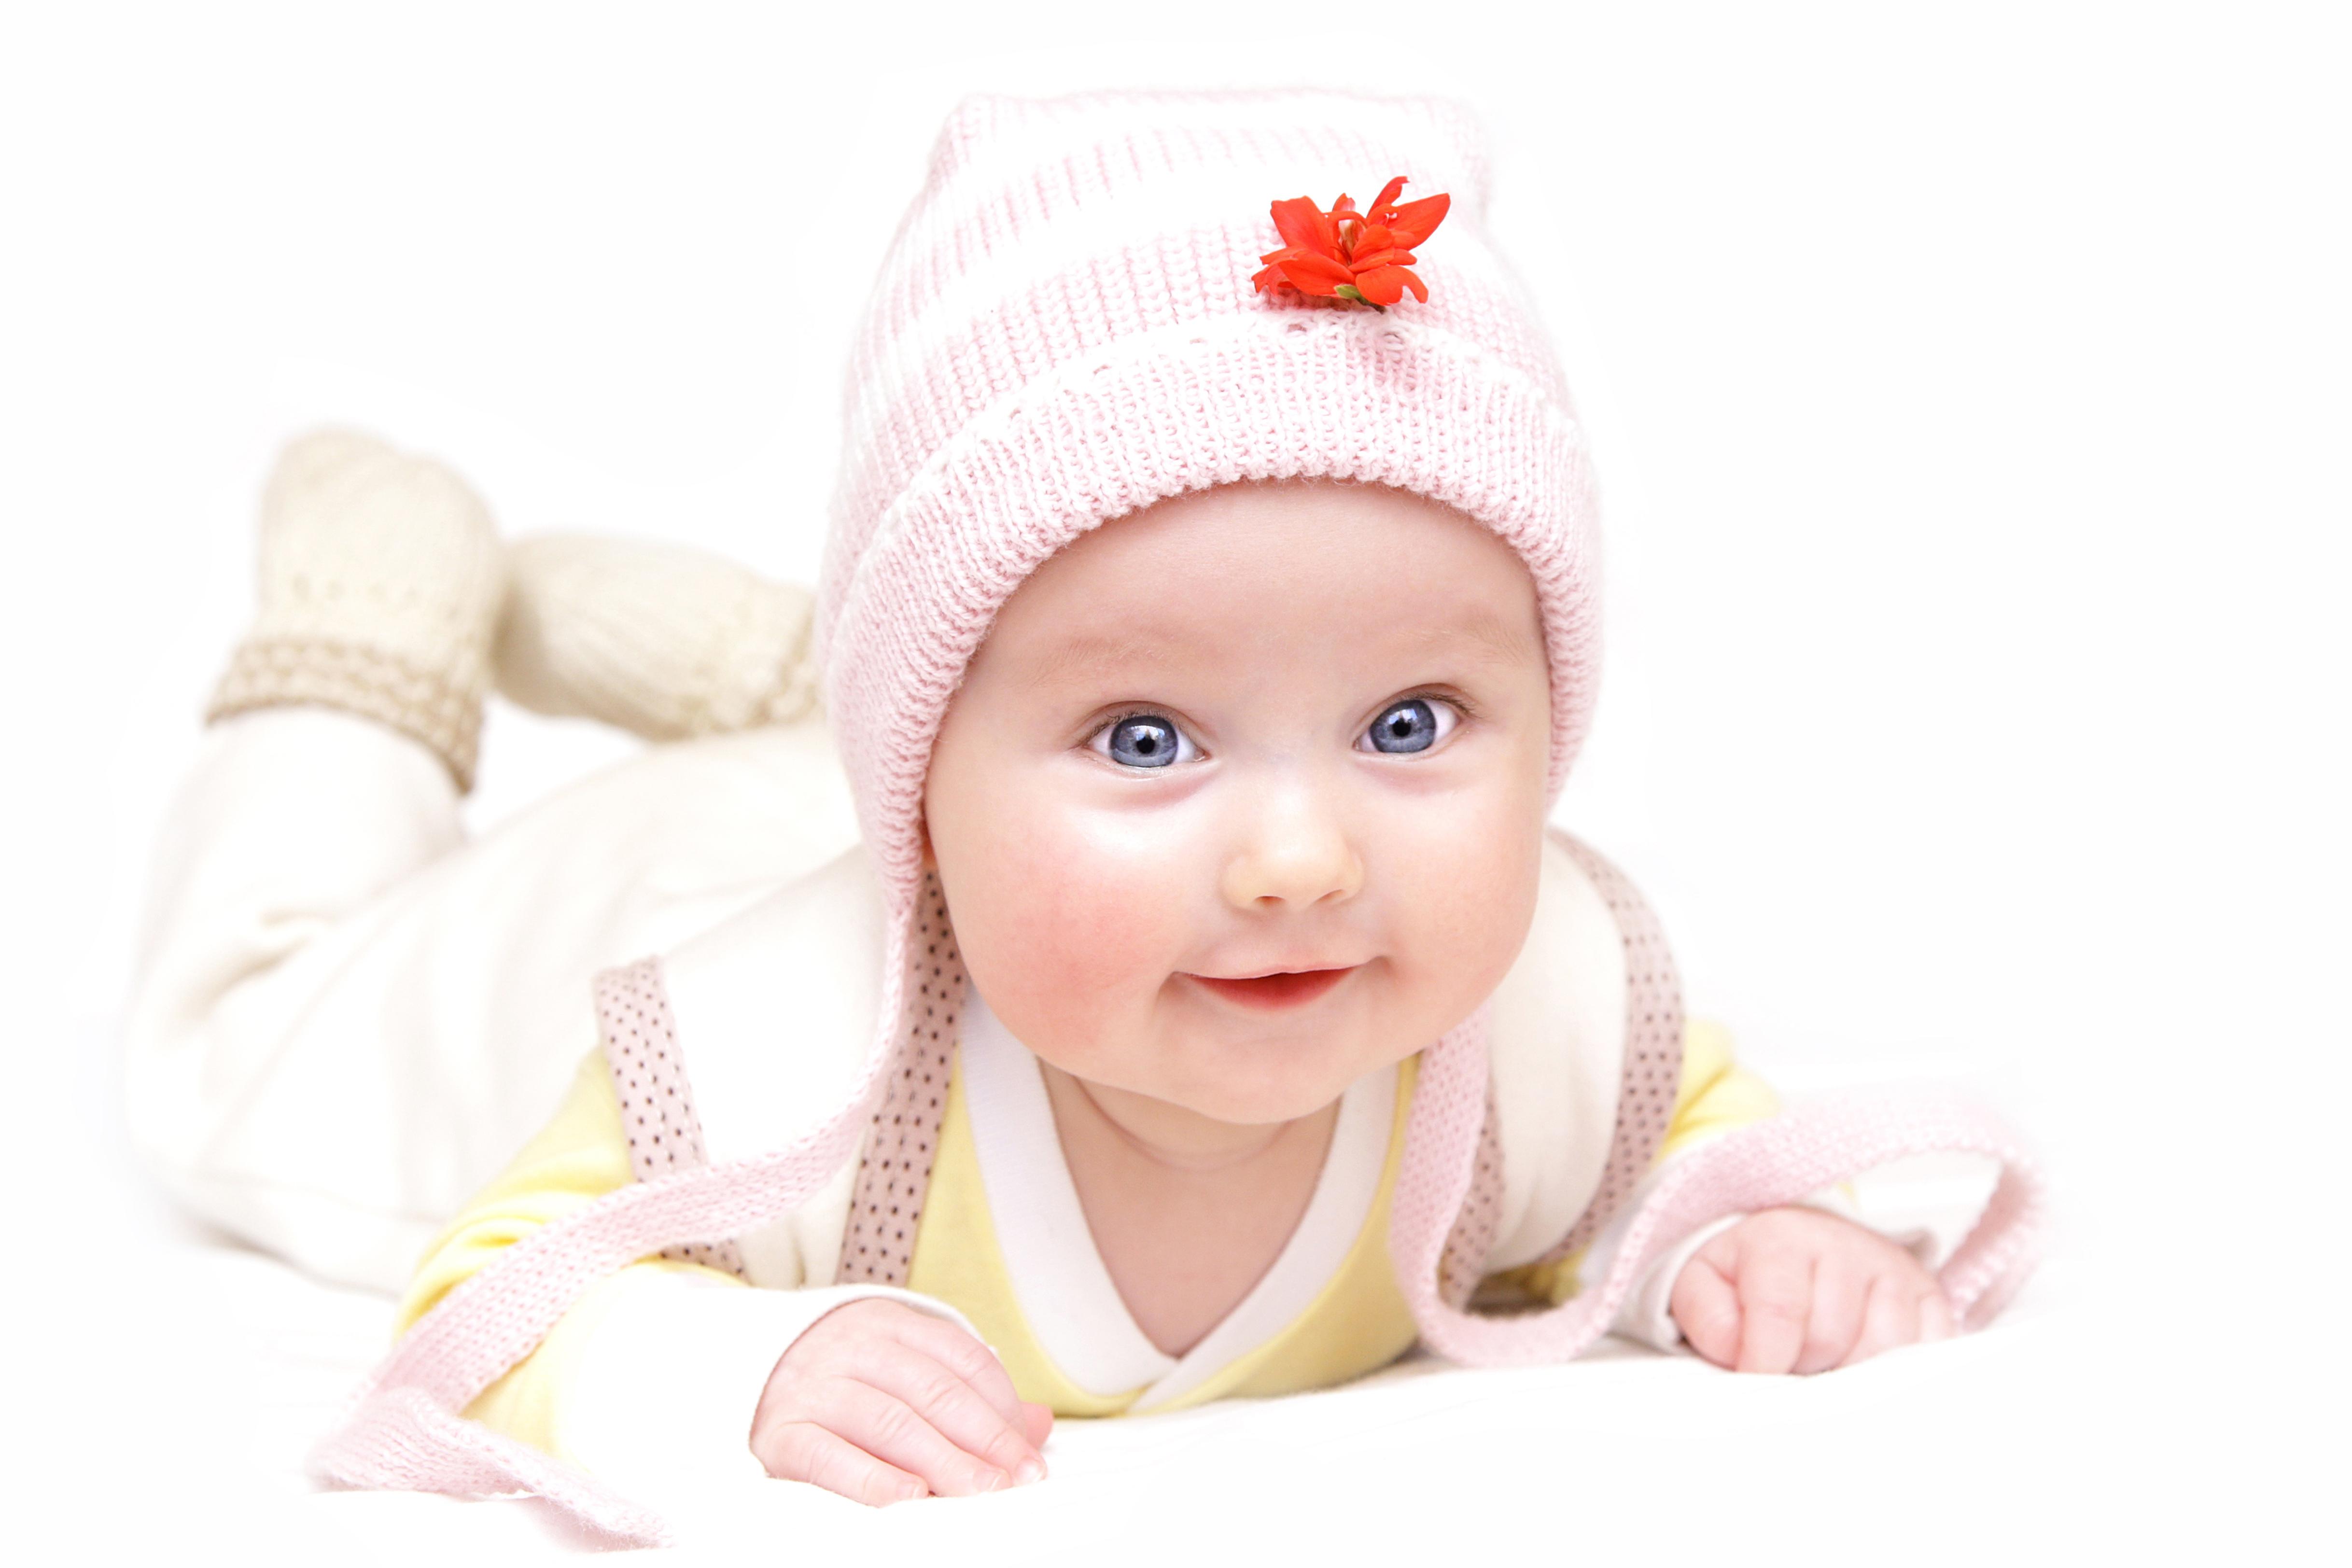 壁紙 4872x3248 白背景 赤ちゃん 暖かい帽子 凝視 可愛い 子供